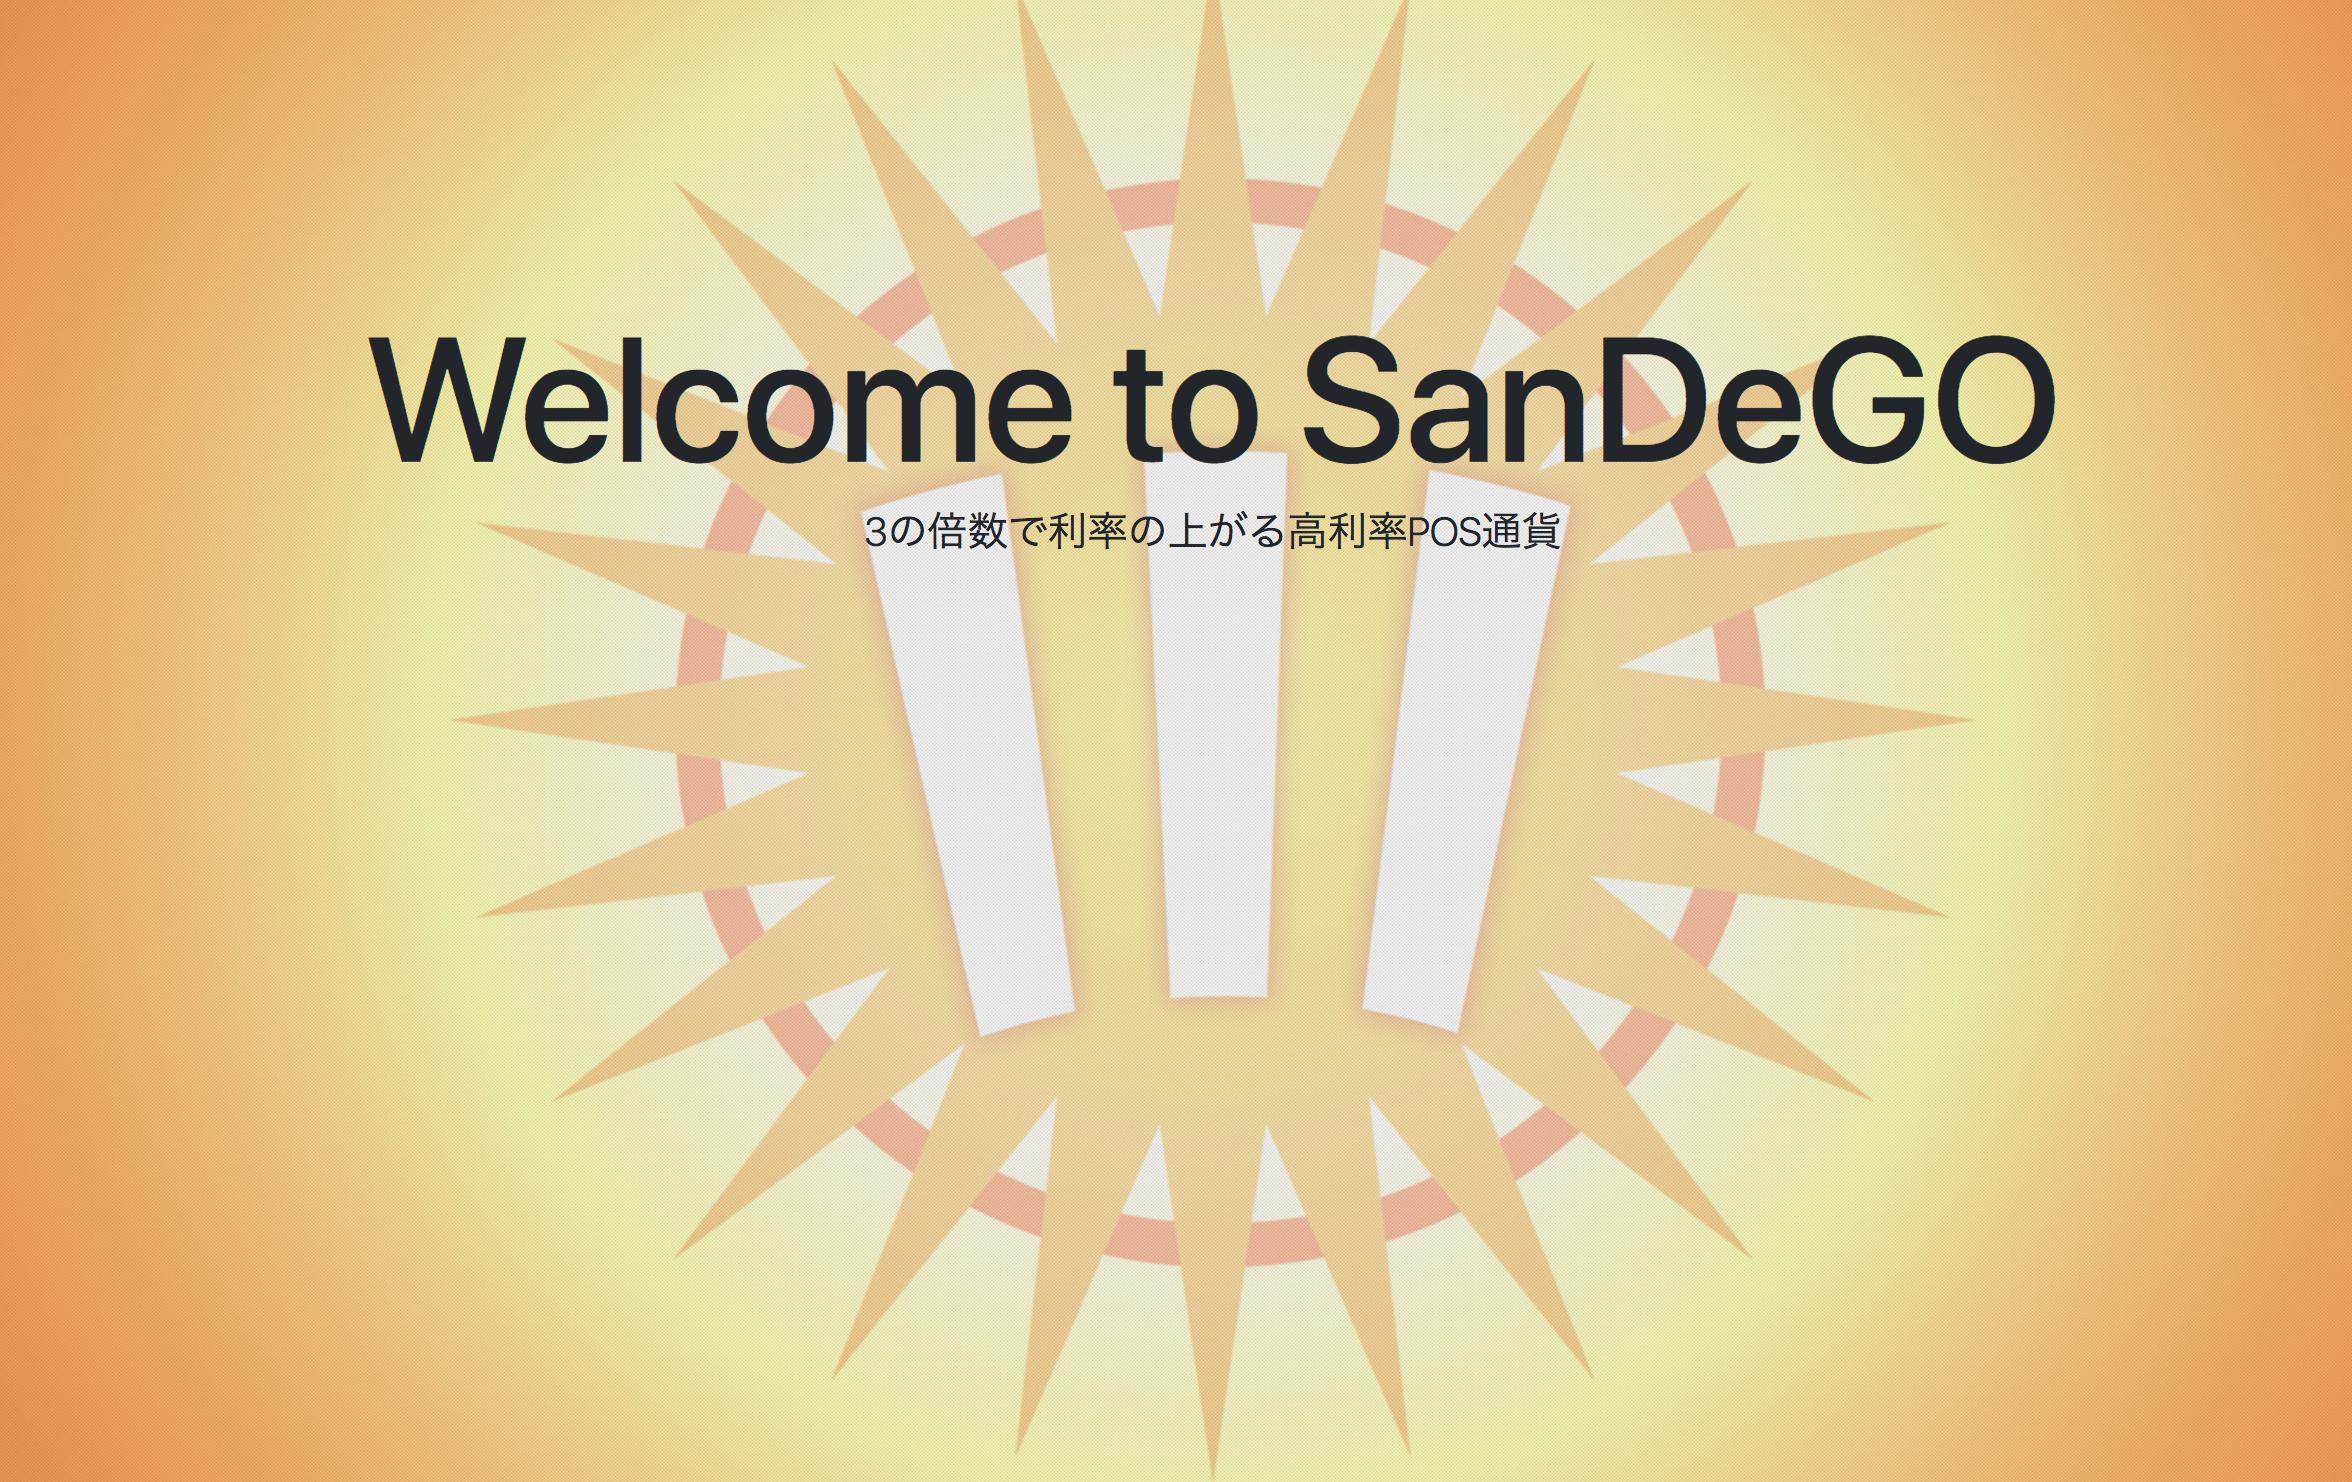 SanDeGo(SDGO) 仮想通貨